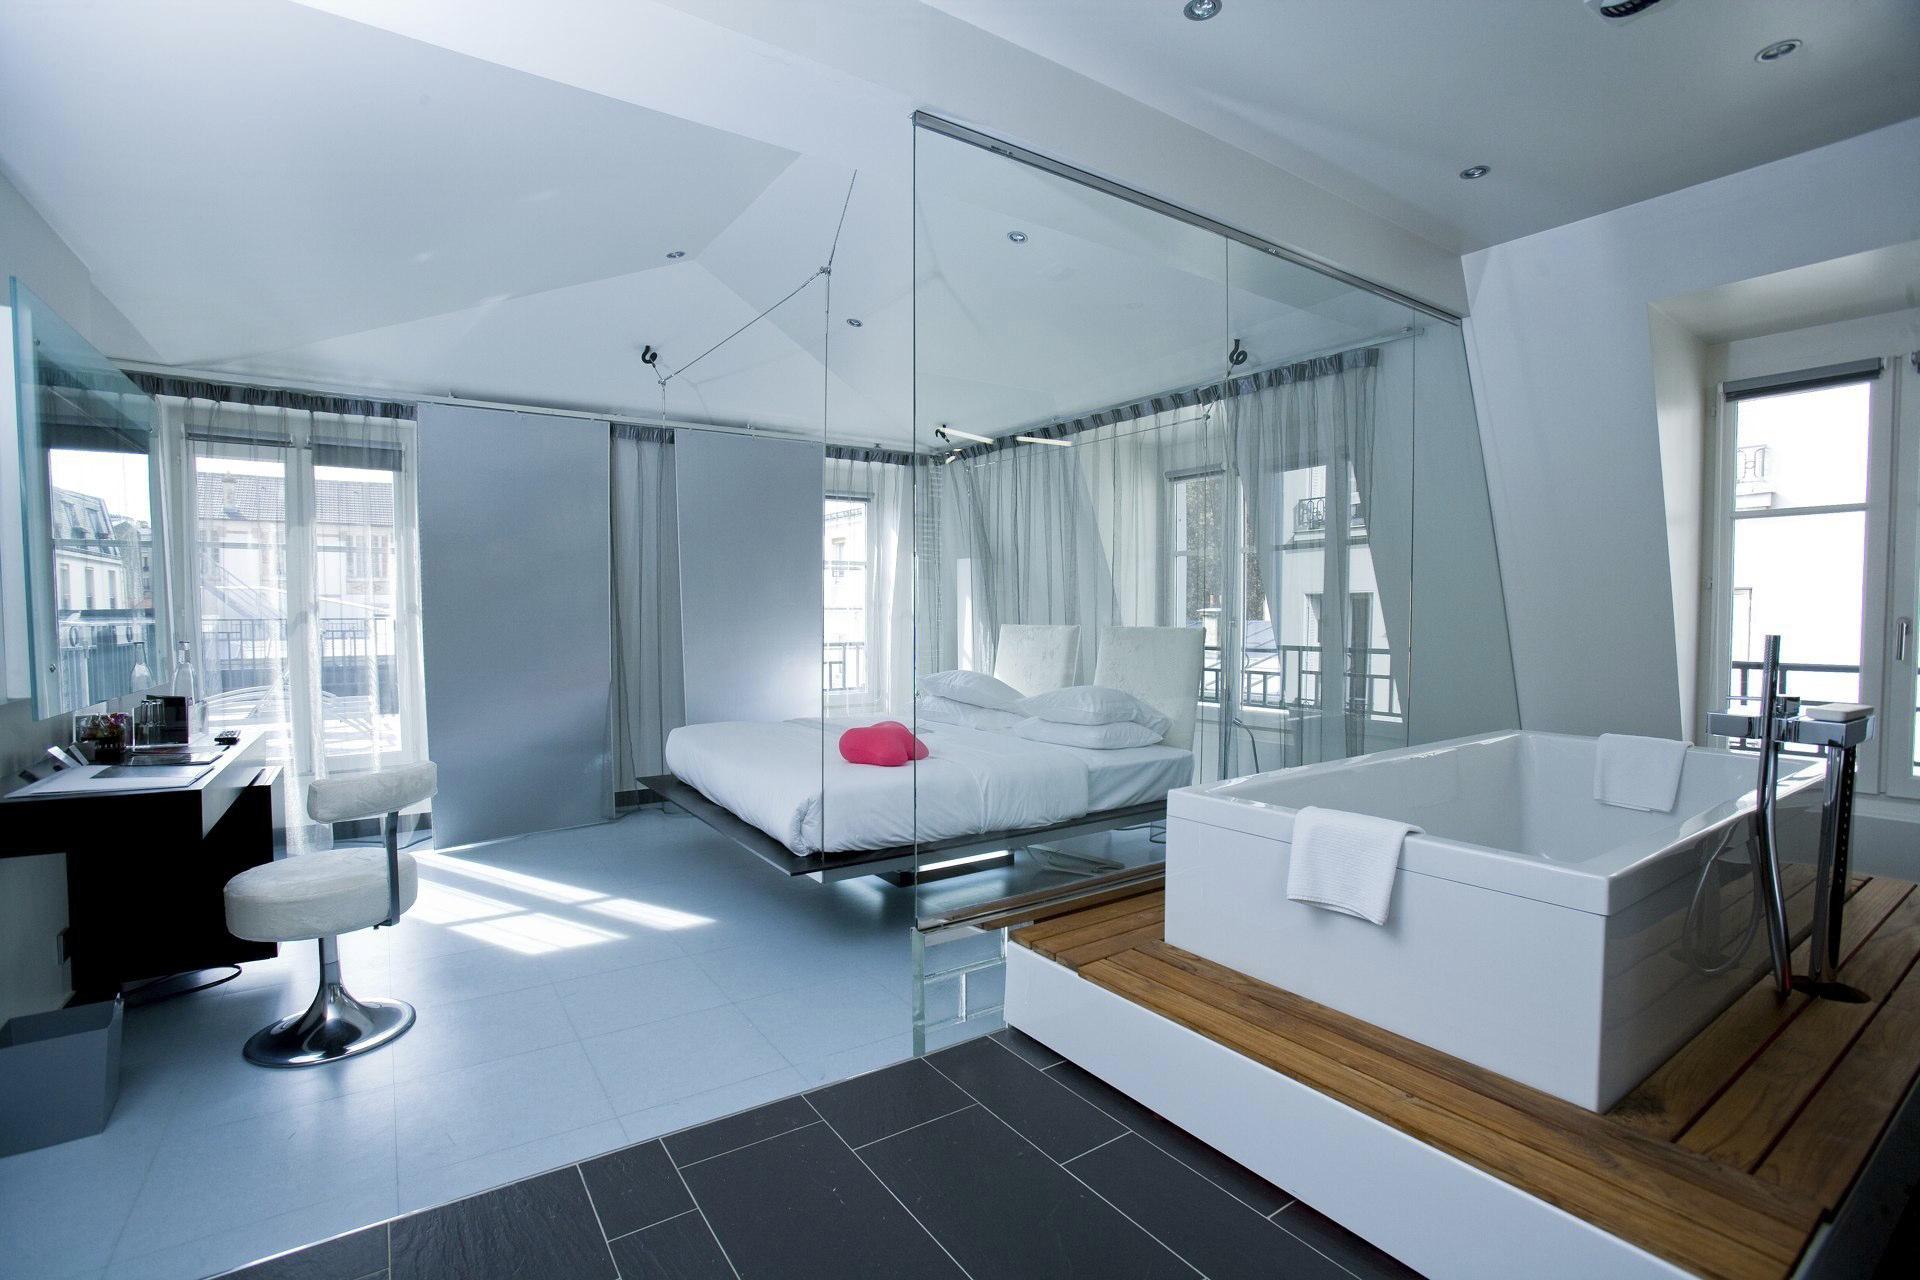 Hotel escaparate del dise o - Plus belle salle de bain du monde ...